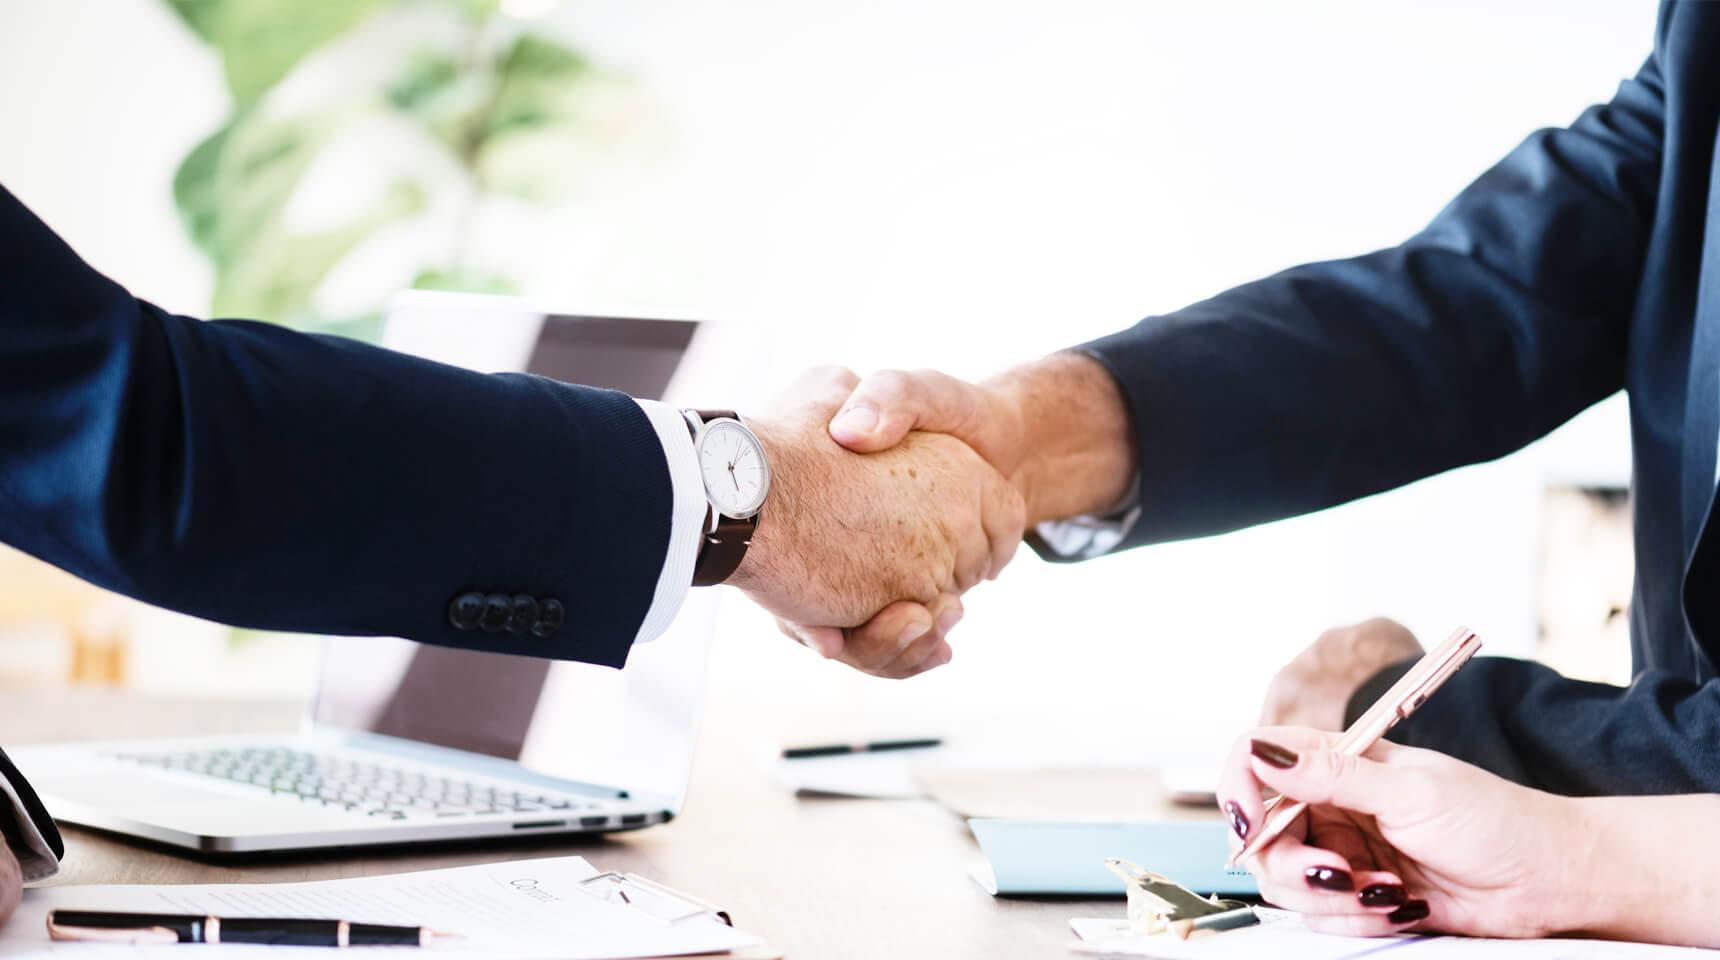 プロの視点から、お客様満足度の追求を心掛け、提案型のビジネス型を展開します